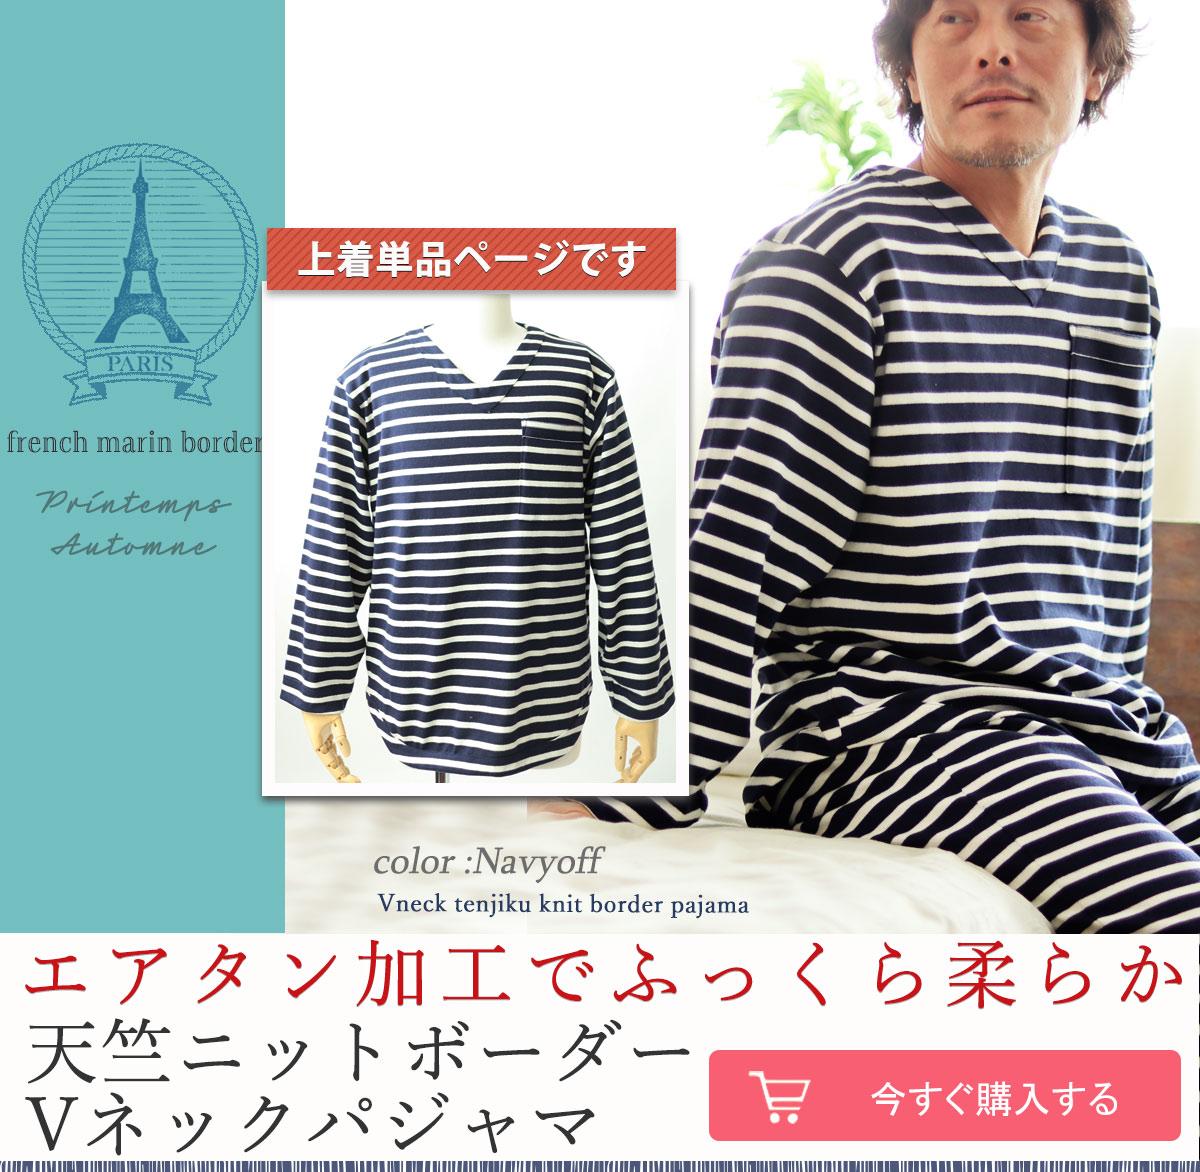 ほどよく伸縮とっても柔らか ストレスフリーなコットンパジャマ天竺ニット100%メンズVネックパジャマ上着単品